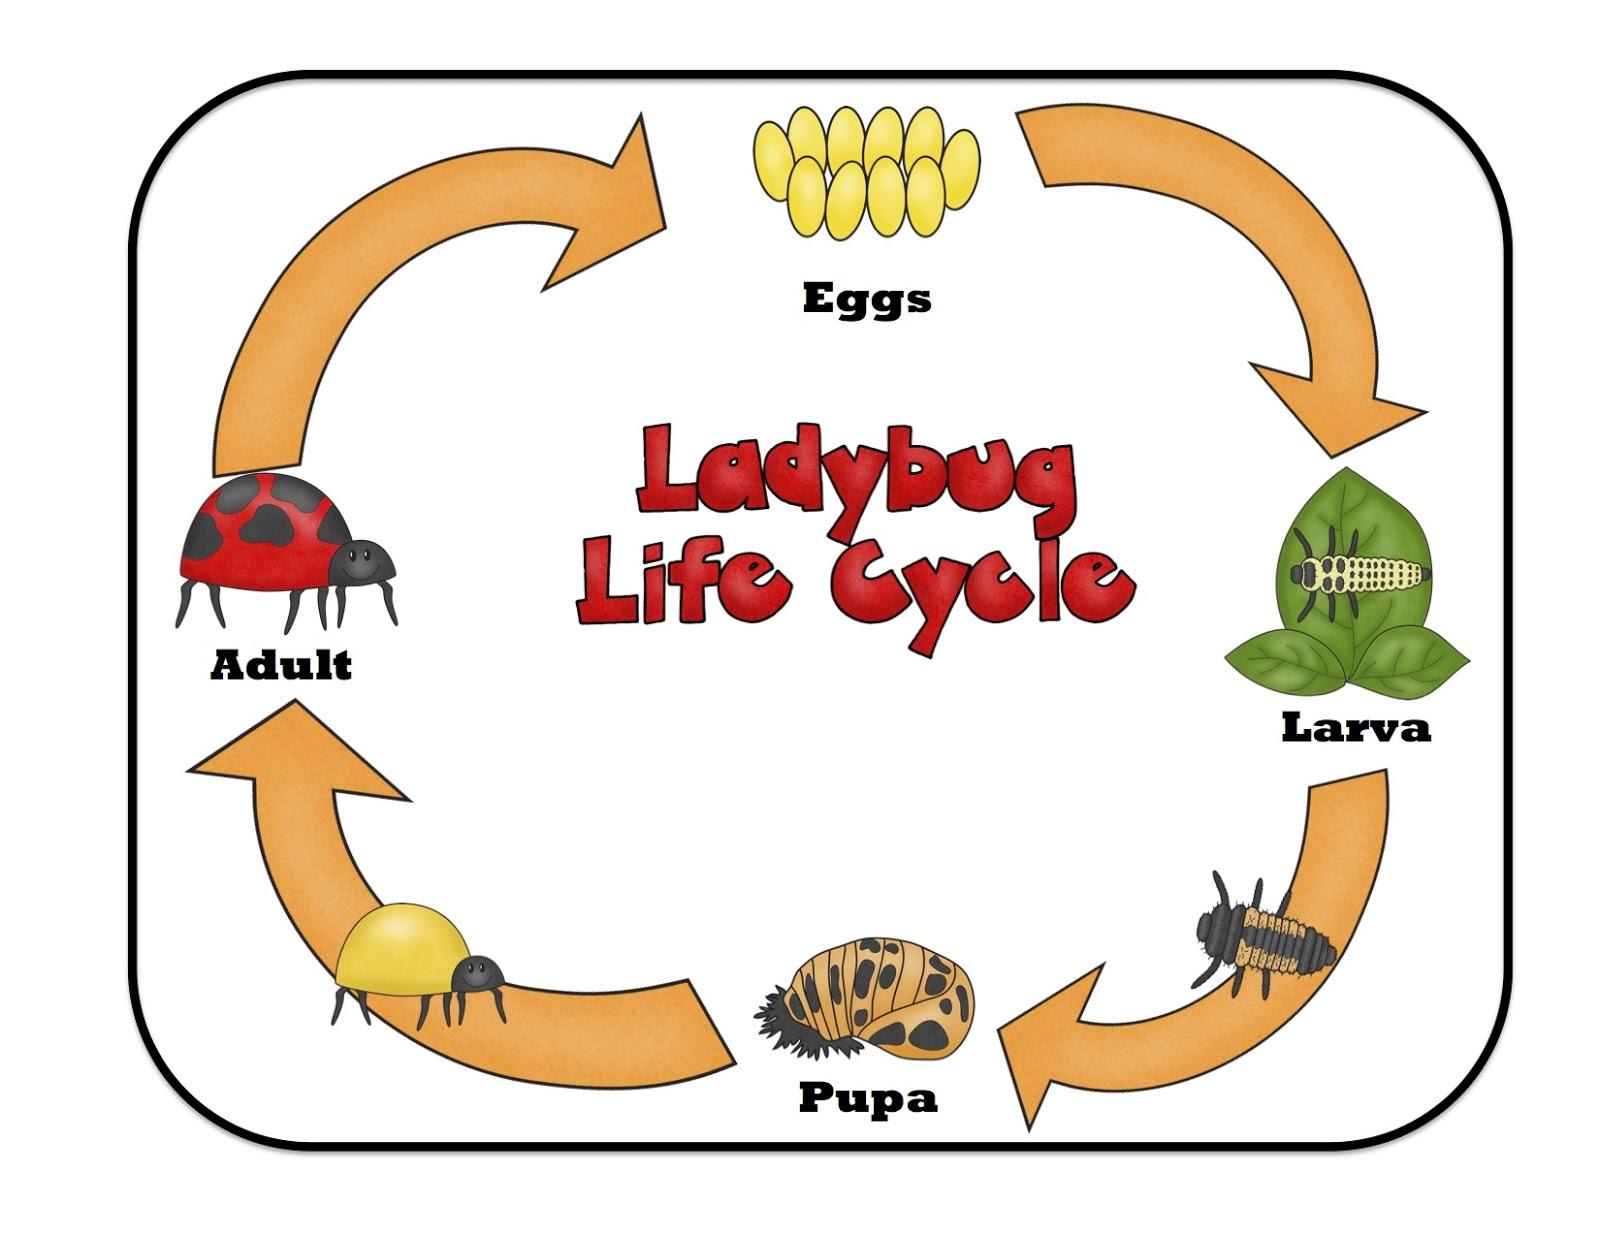 Ladybug Lifecycle Printable ~ Preschool Printables